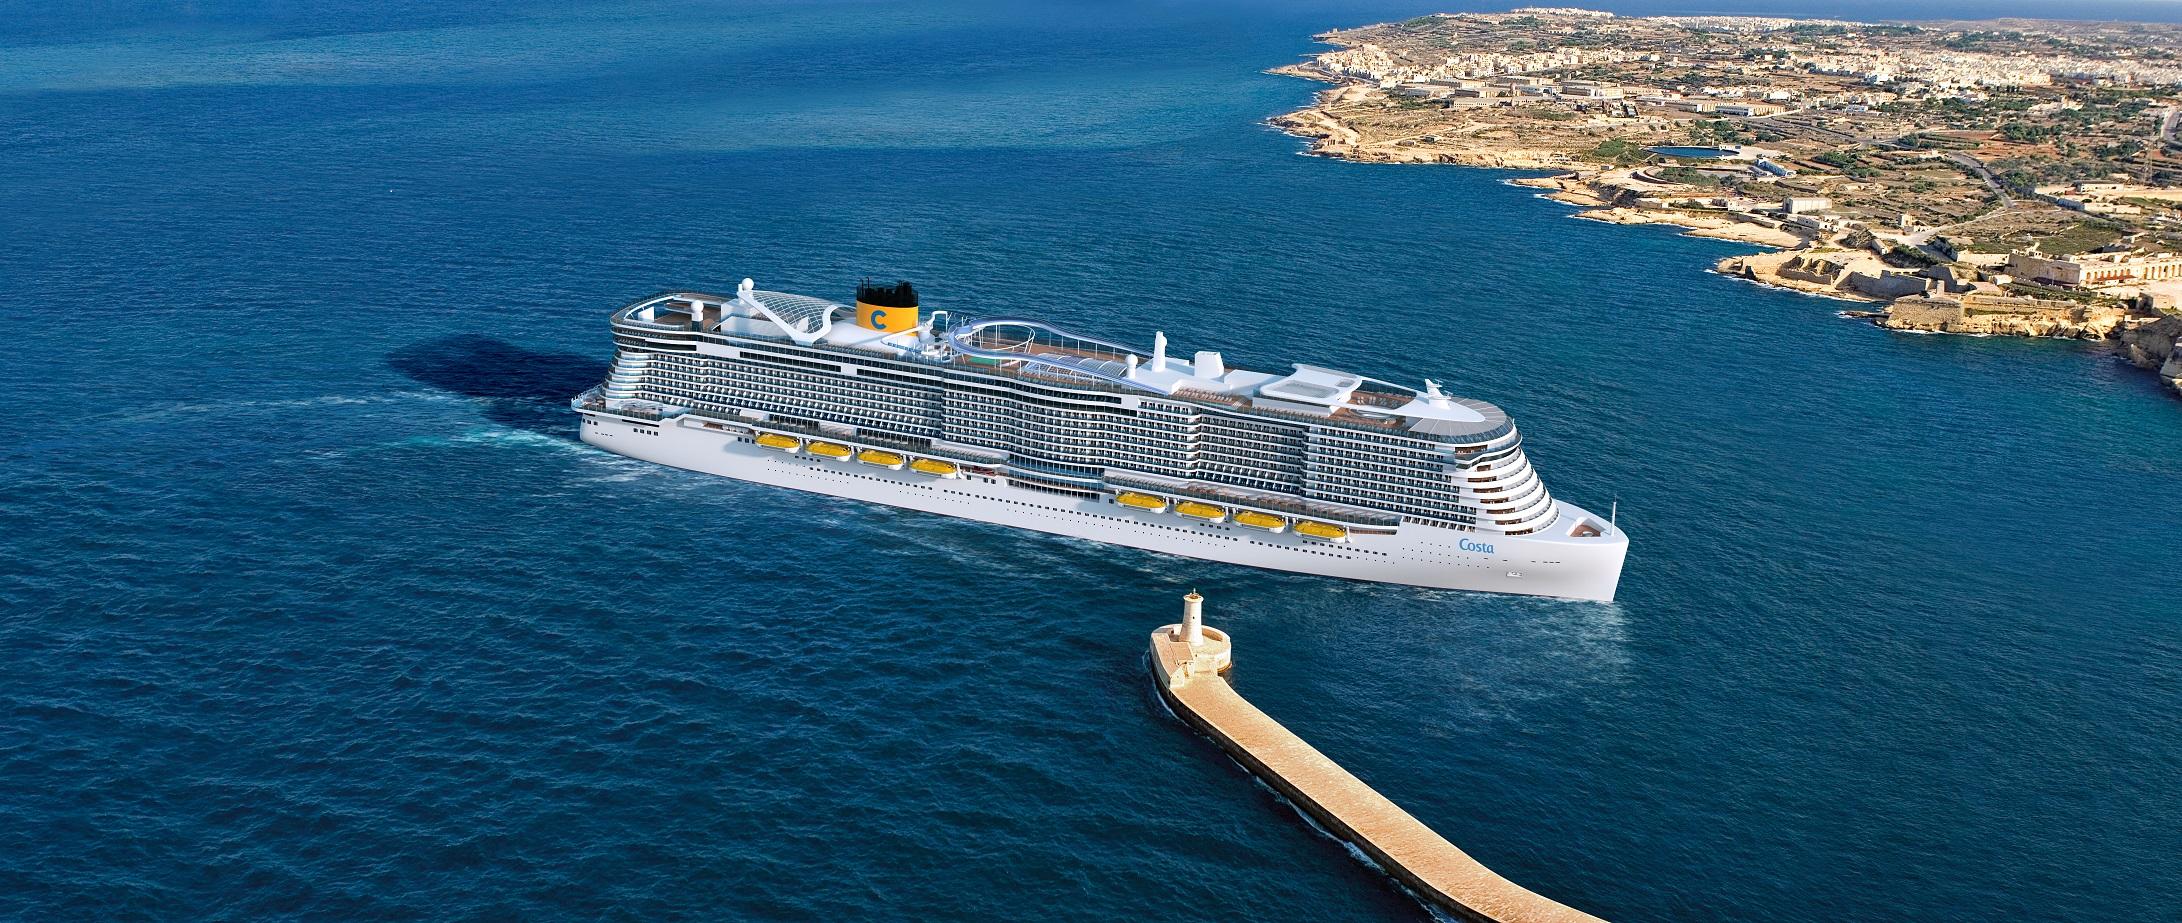 Costa Crociere erhält zwei neue Kreuzfahrtschiffe